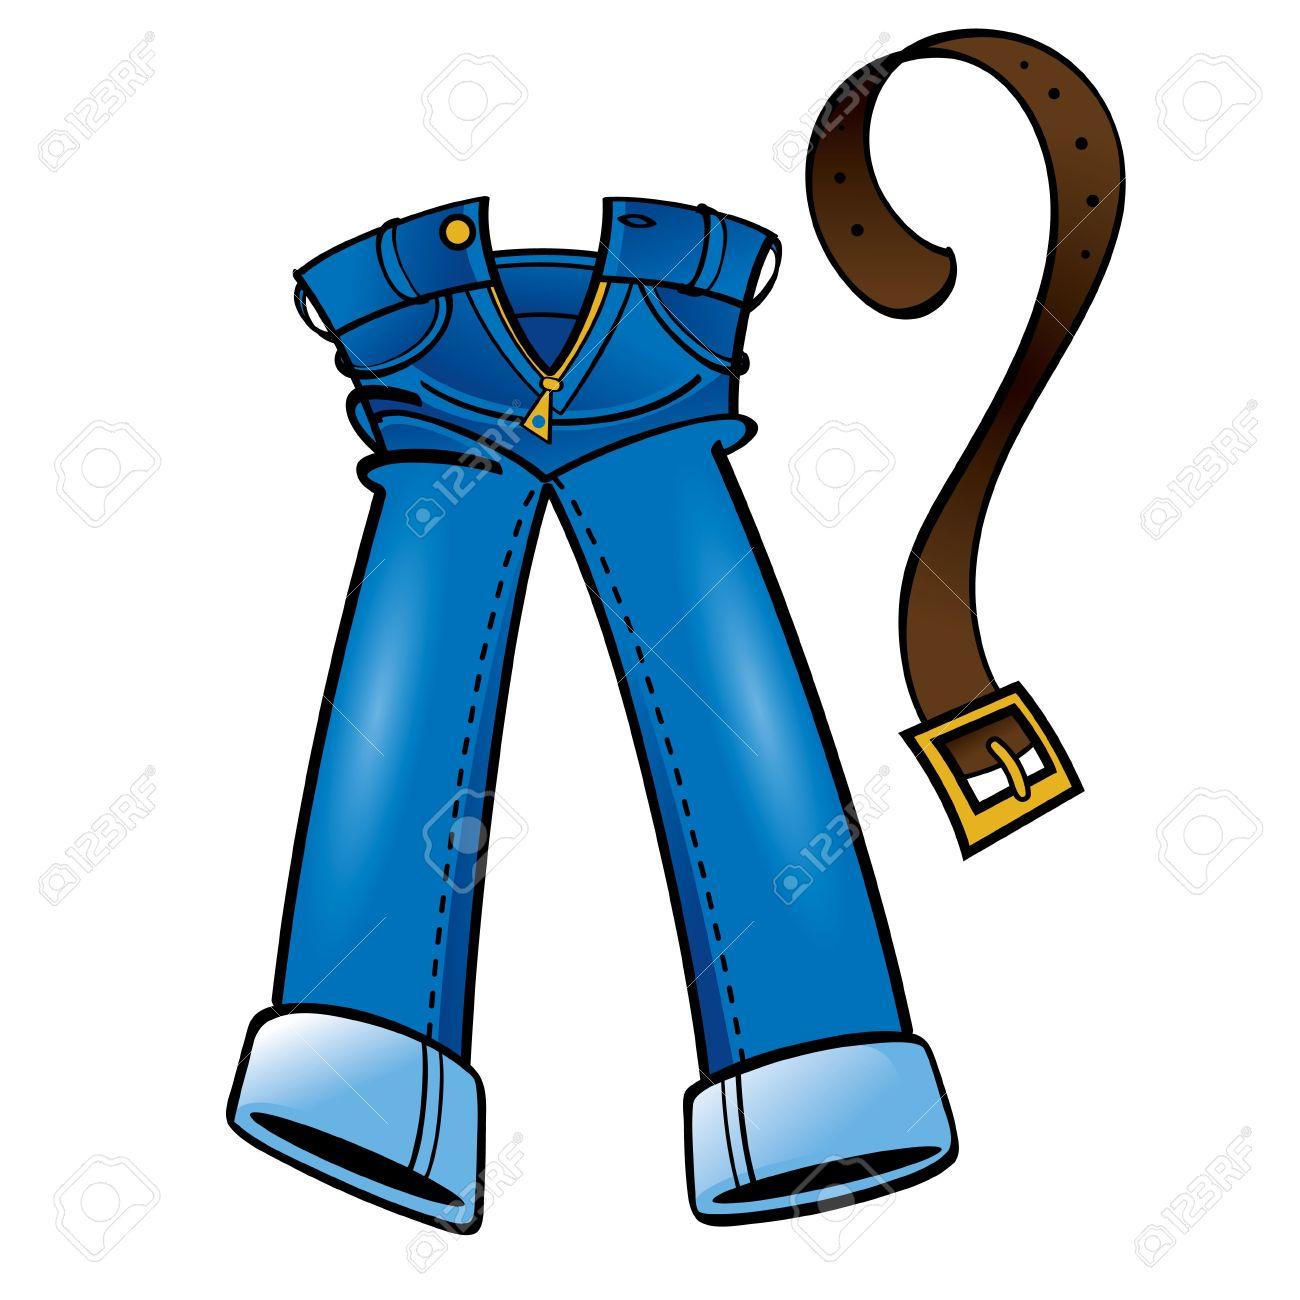 Compras Denim Cinturón Usar De Algodón Cuero Jeans Moda nSzwAwxgqv